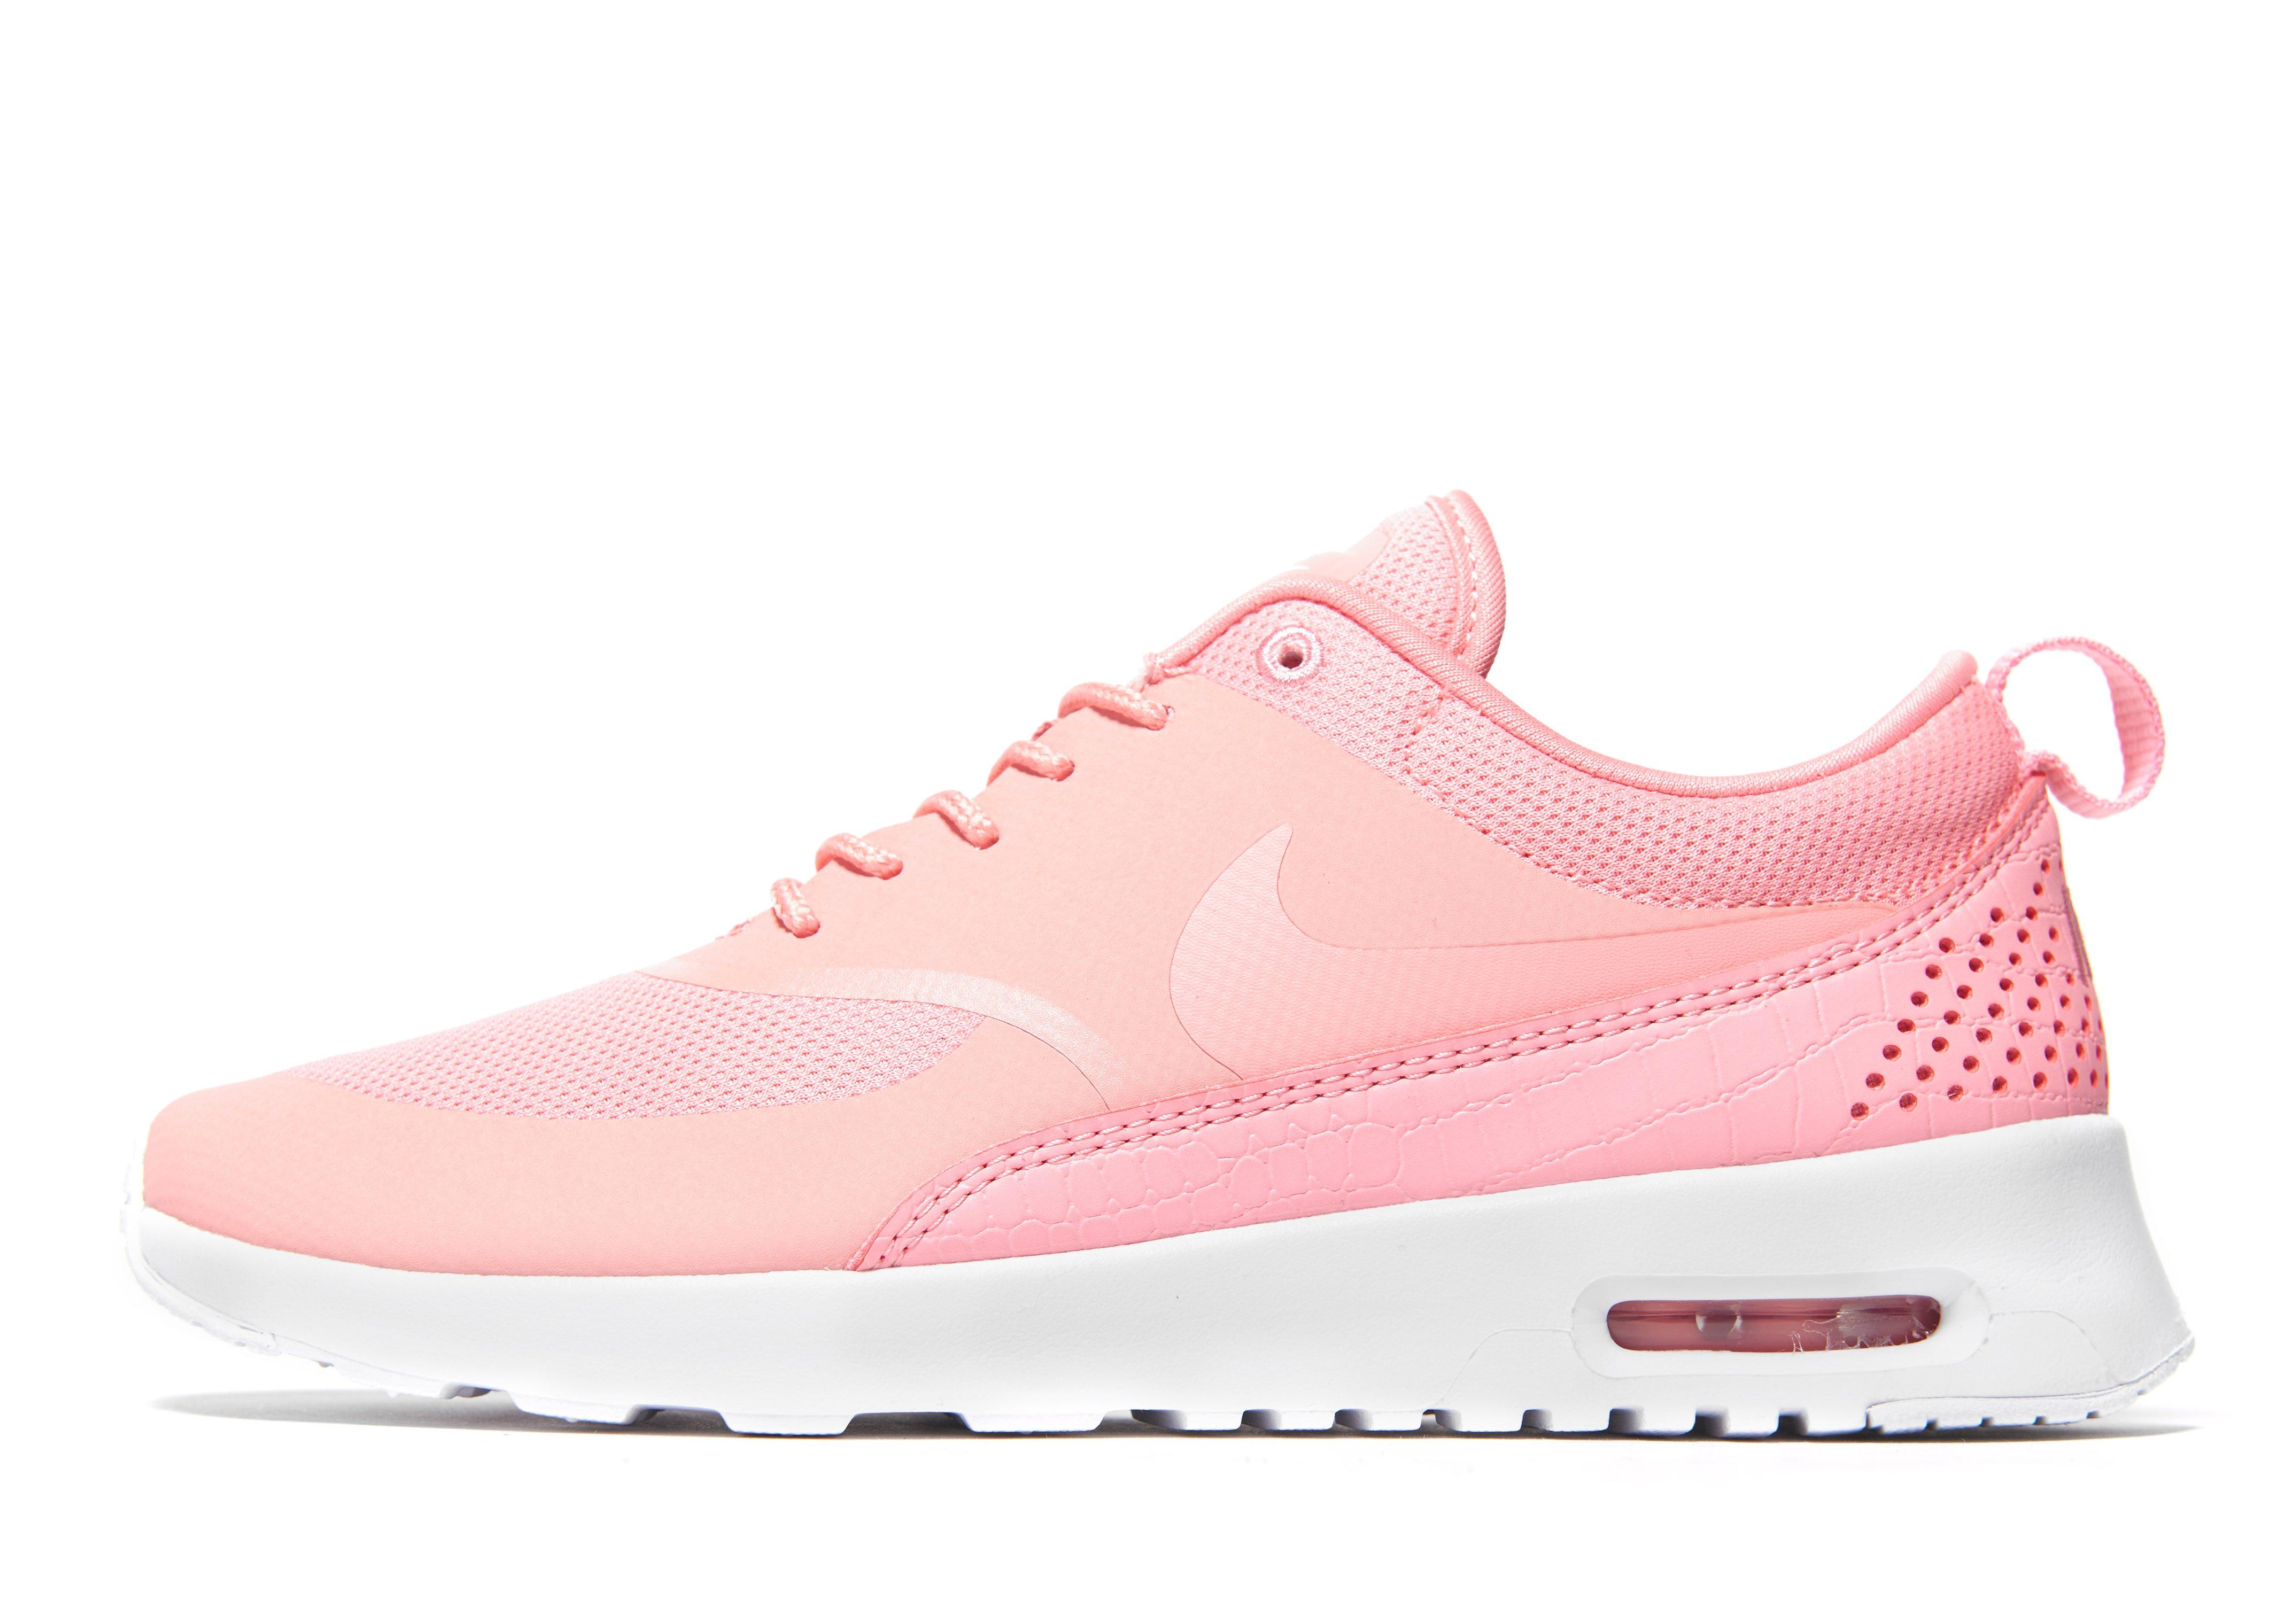 Nike Air Max Femmes Rose